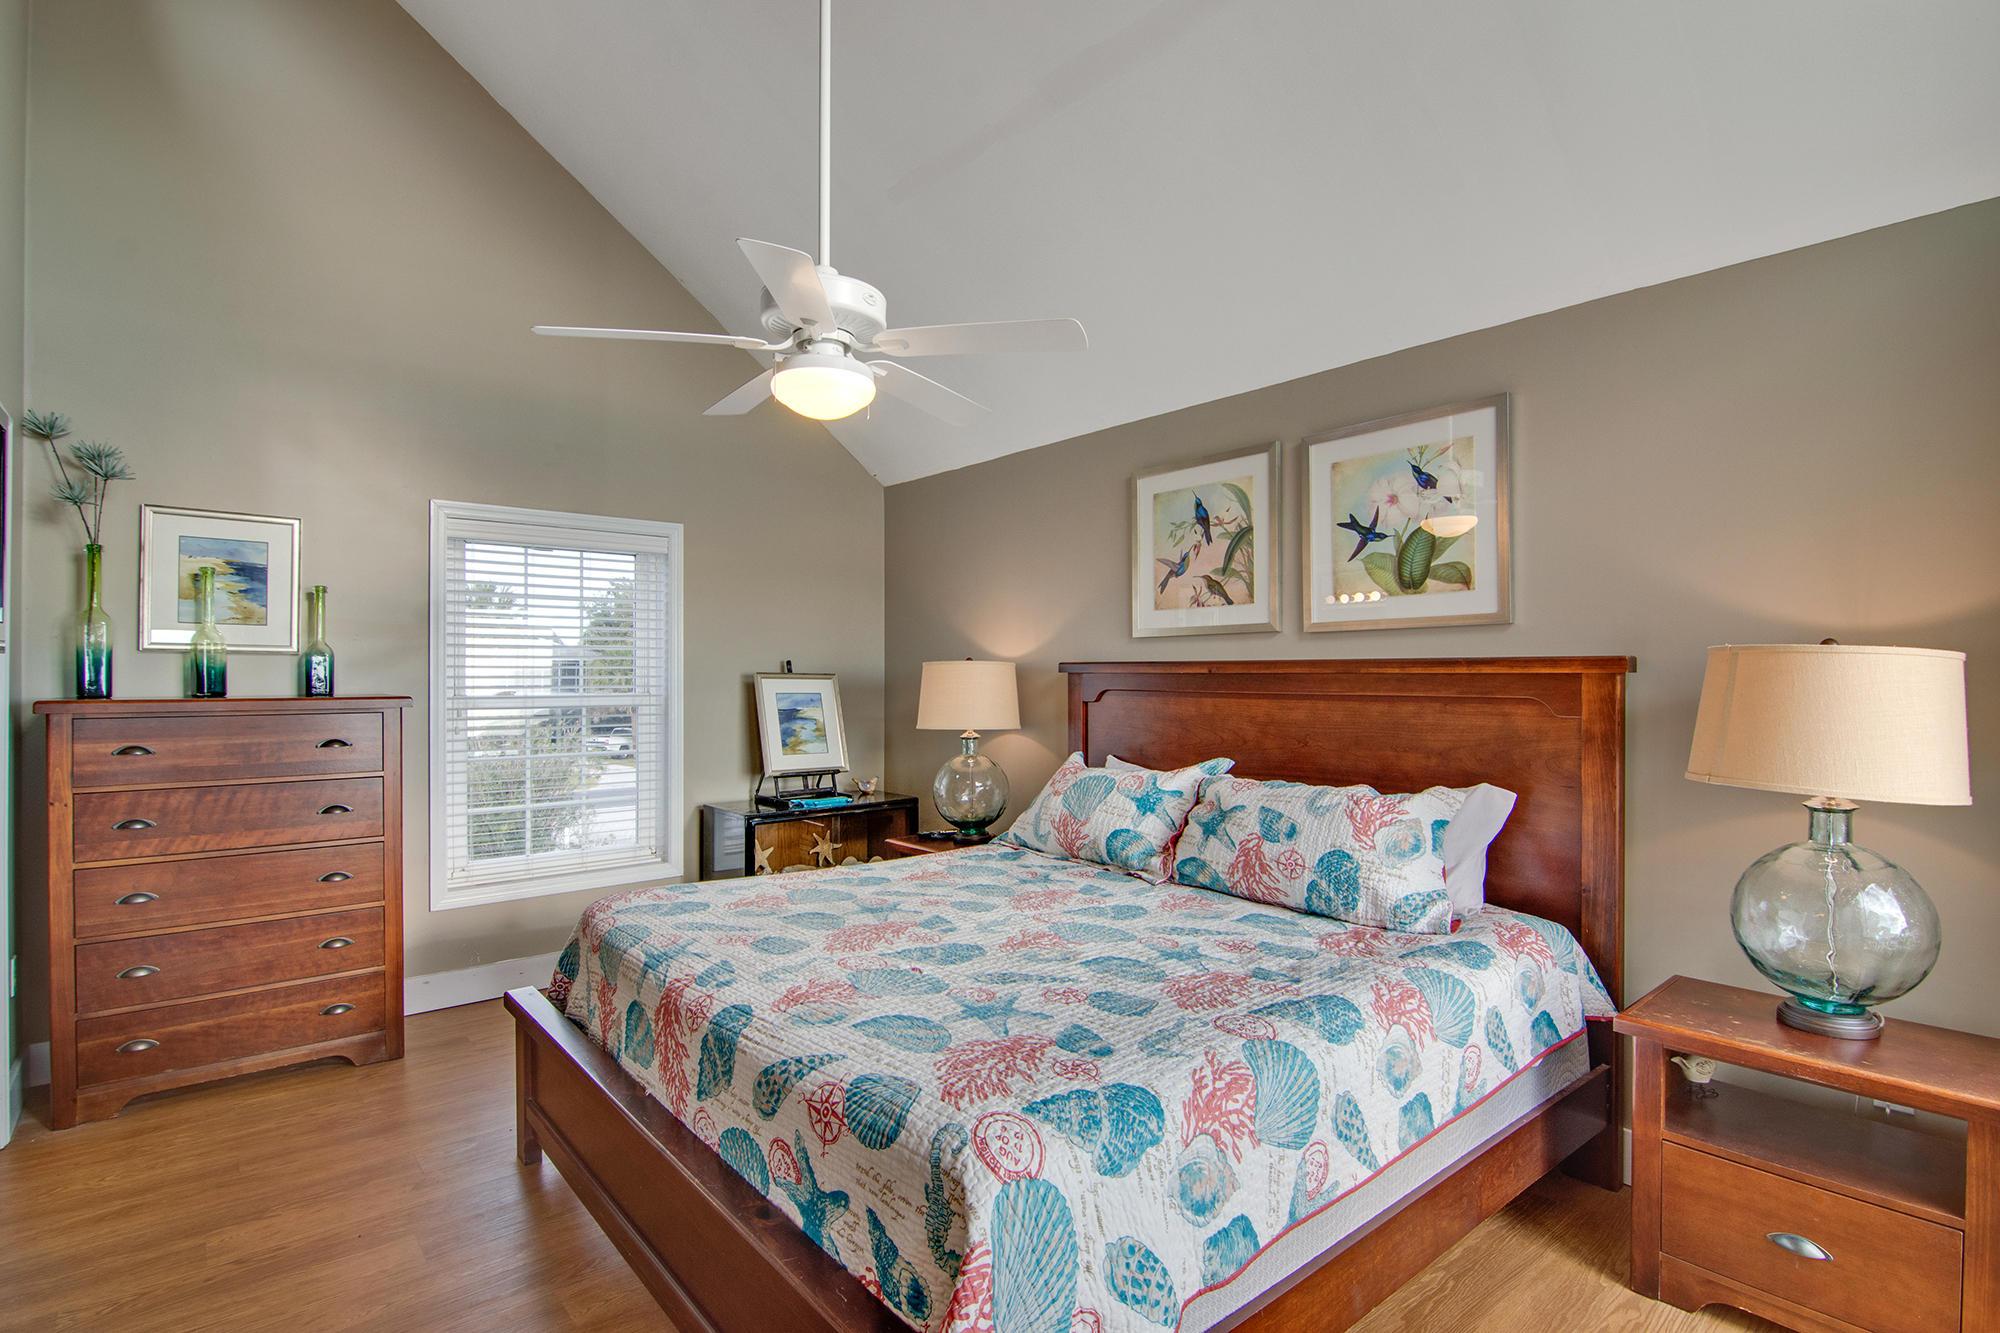 Folly Beach Homes For Sale - 1703 Ashley, Folly Beach, SC - 1